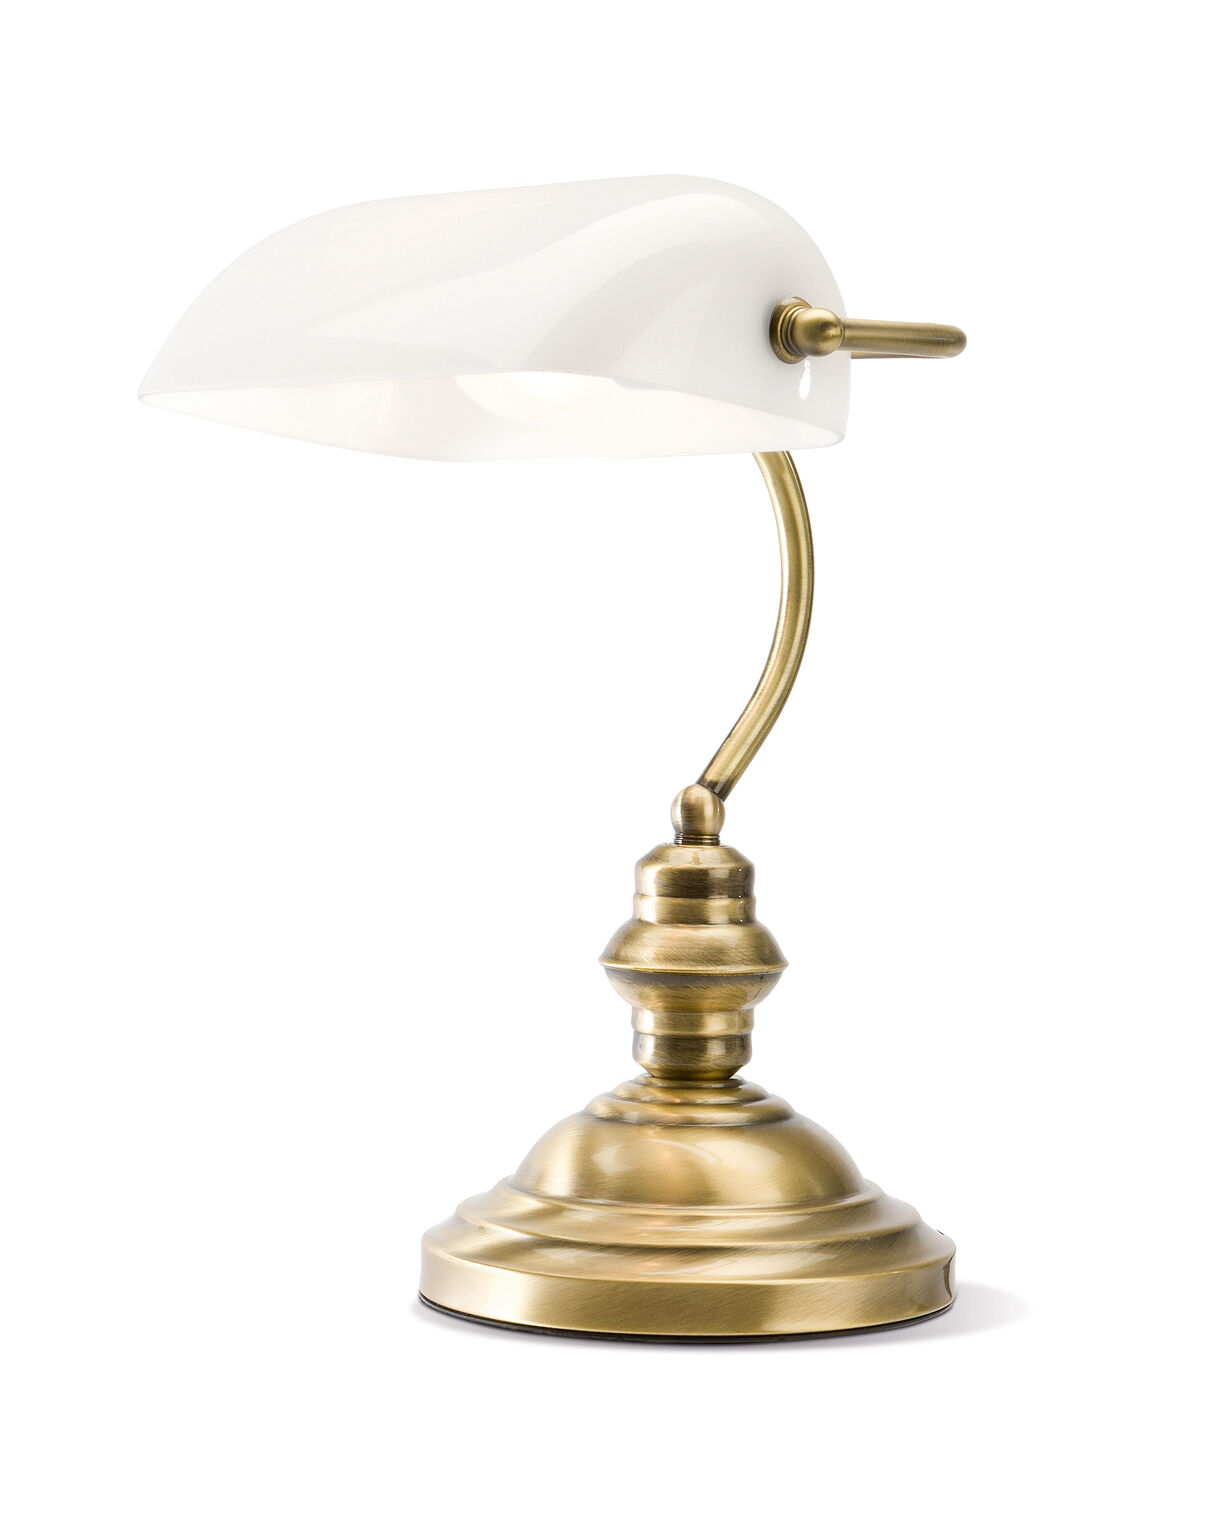 WILMER LAMPADA DA TAVOLO IN OTTONE BRUNITO CON VETRO BIANCO